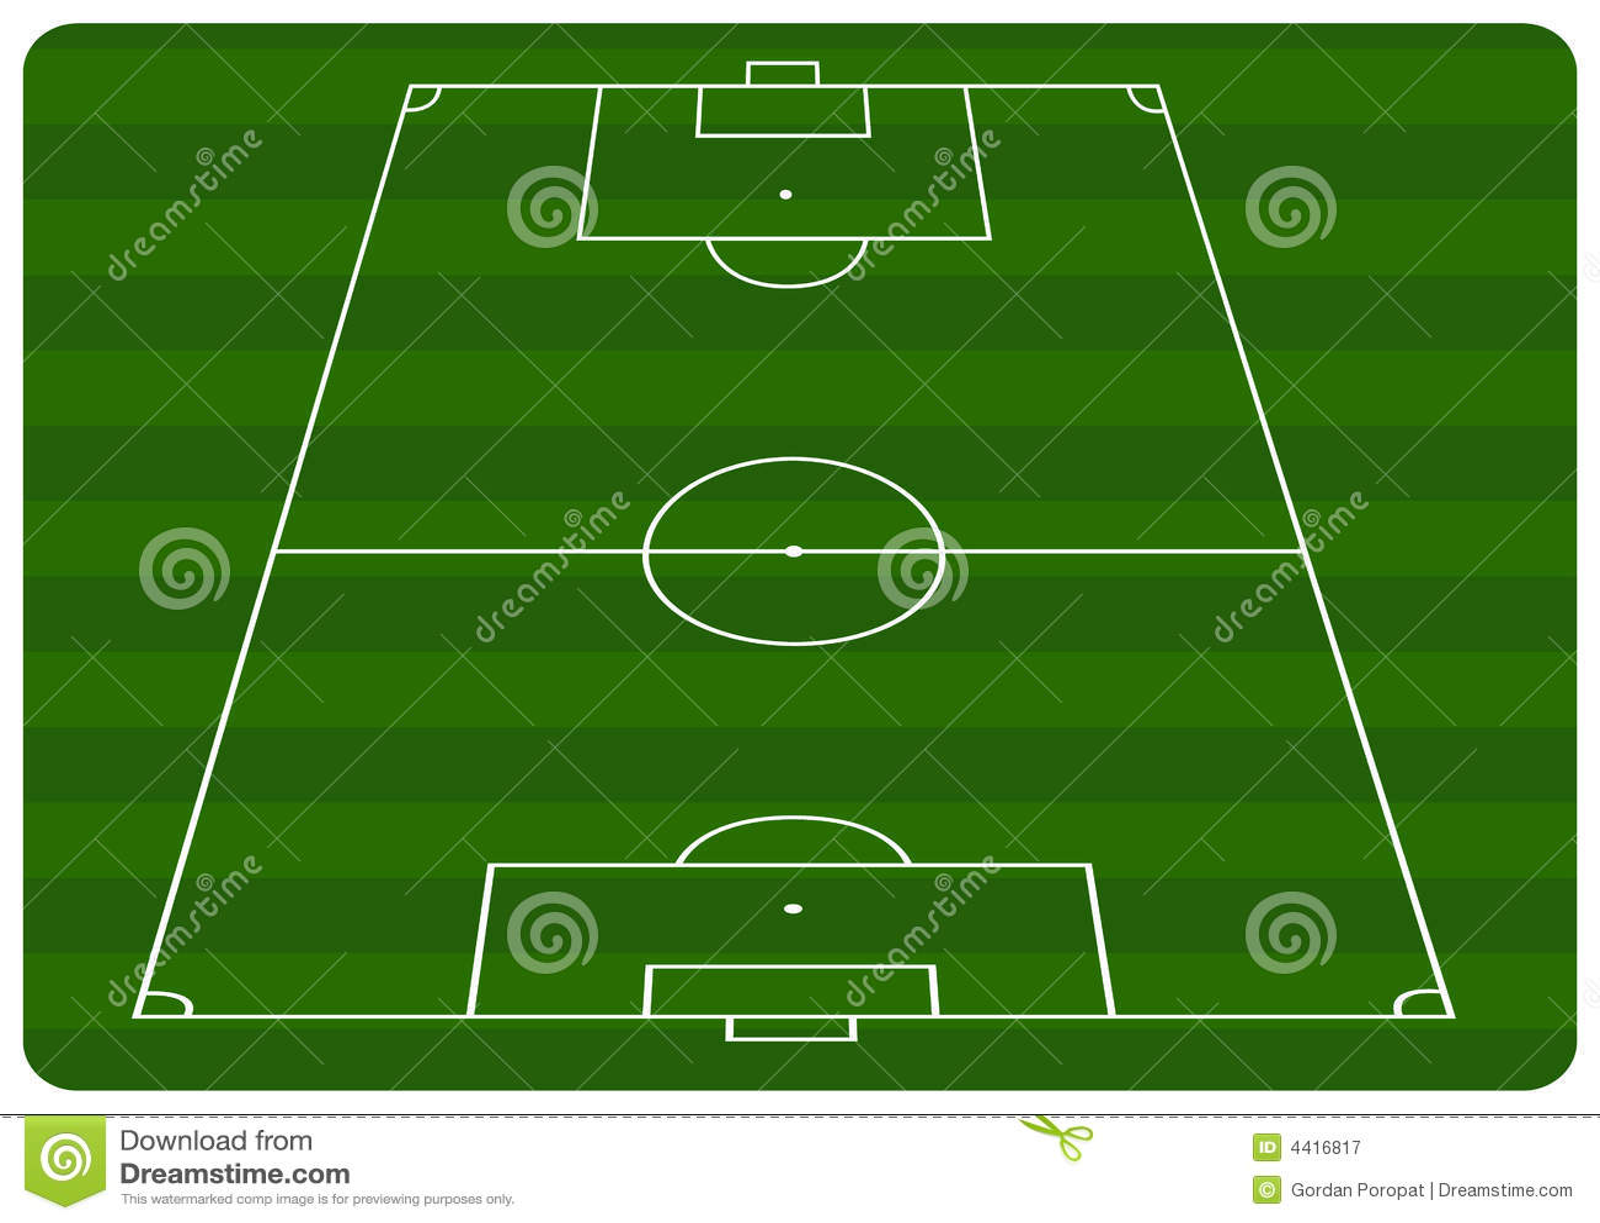 Clipart Football Stadium